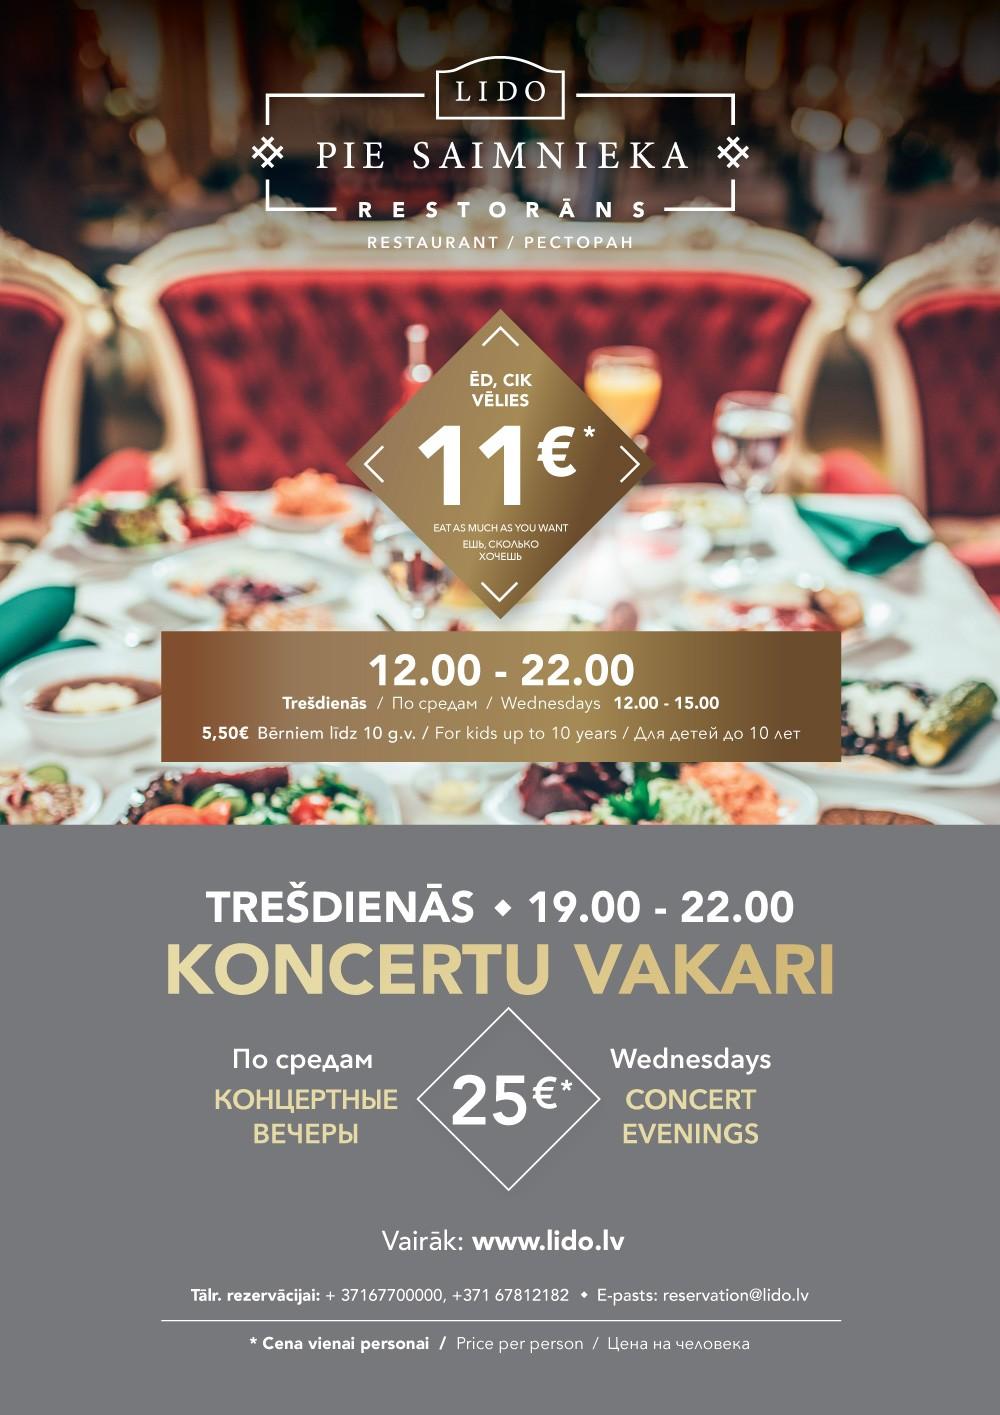 LIDO-Restorans-Piedavajums-A4-09.2020.jpg